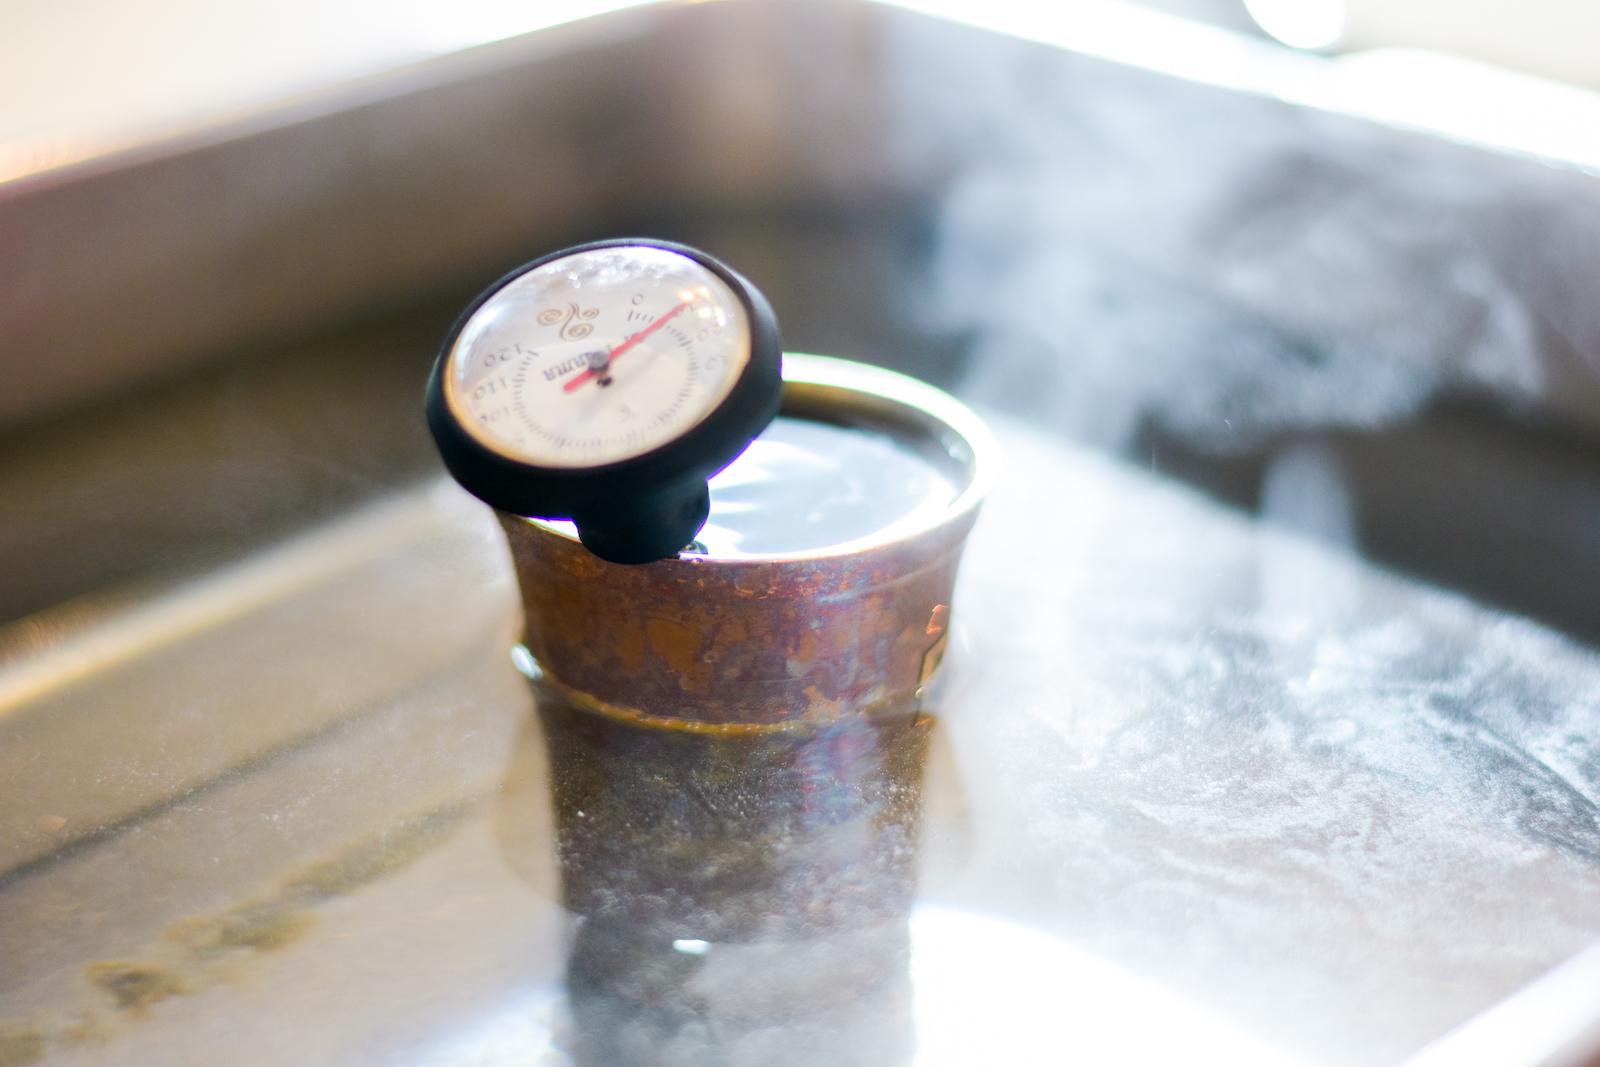 ホットコーヒーは、水出しコーヒーを湯煎して提供される。